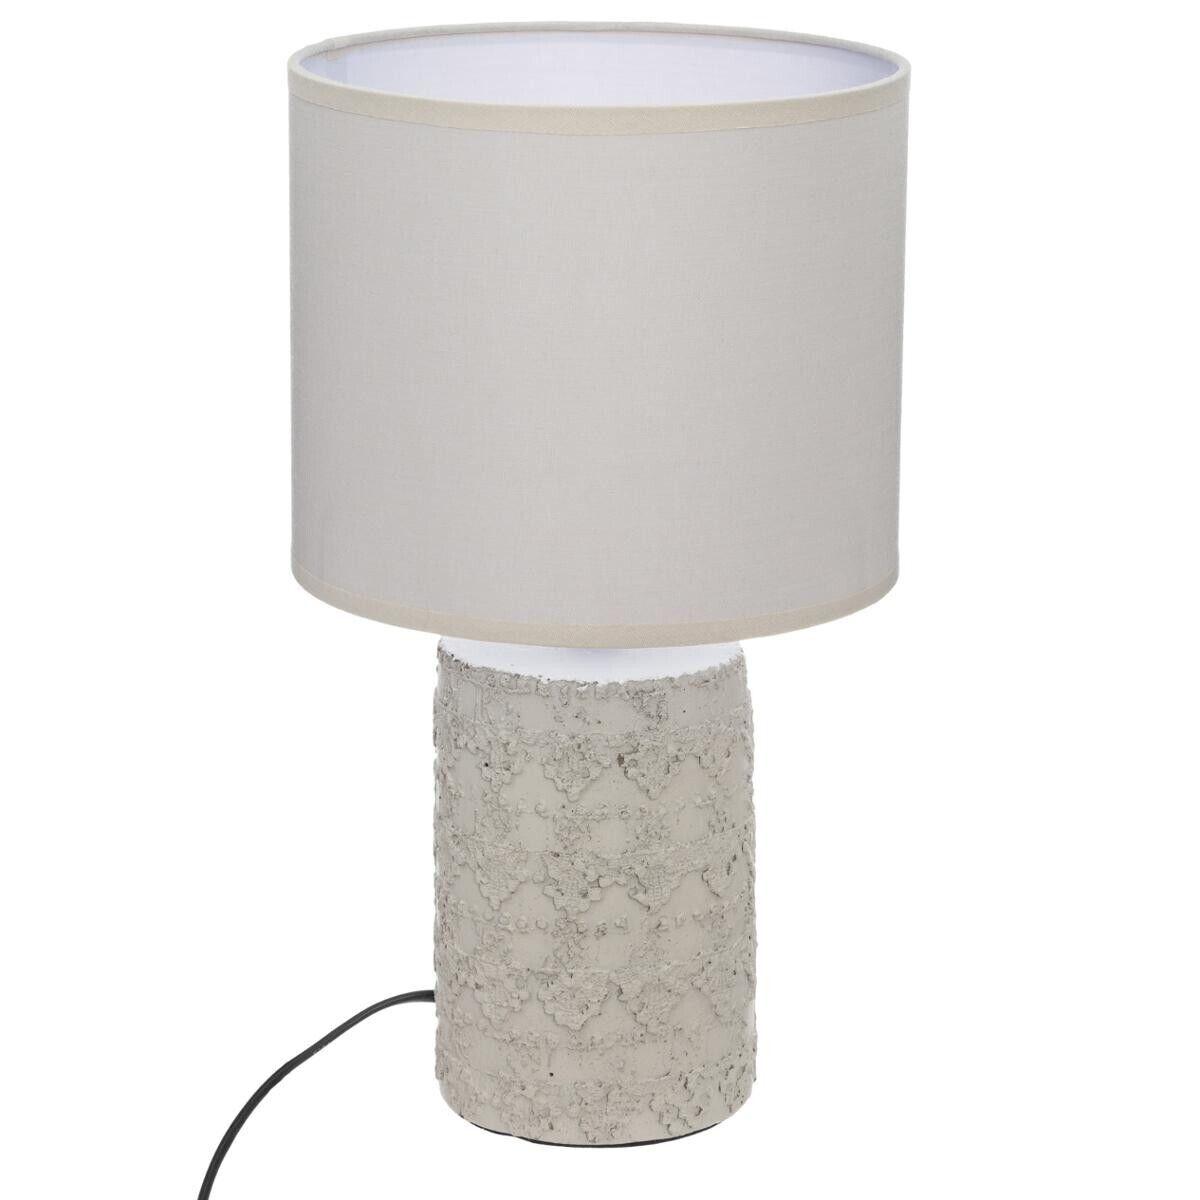 Atmosphera Lampe 'Melo', ivoire et blanc, céramique H34 cm